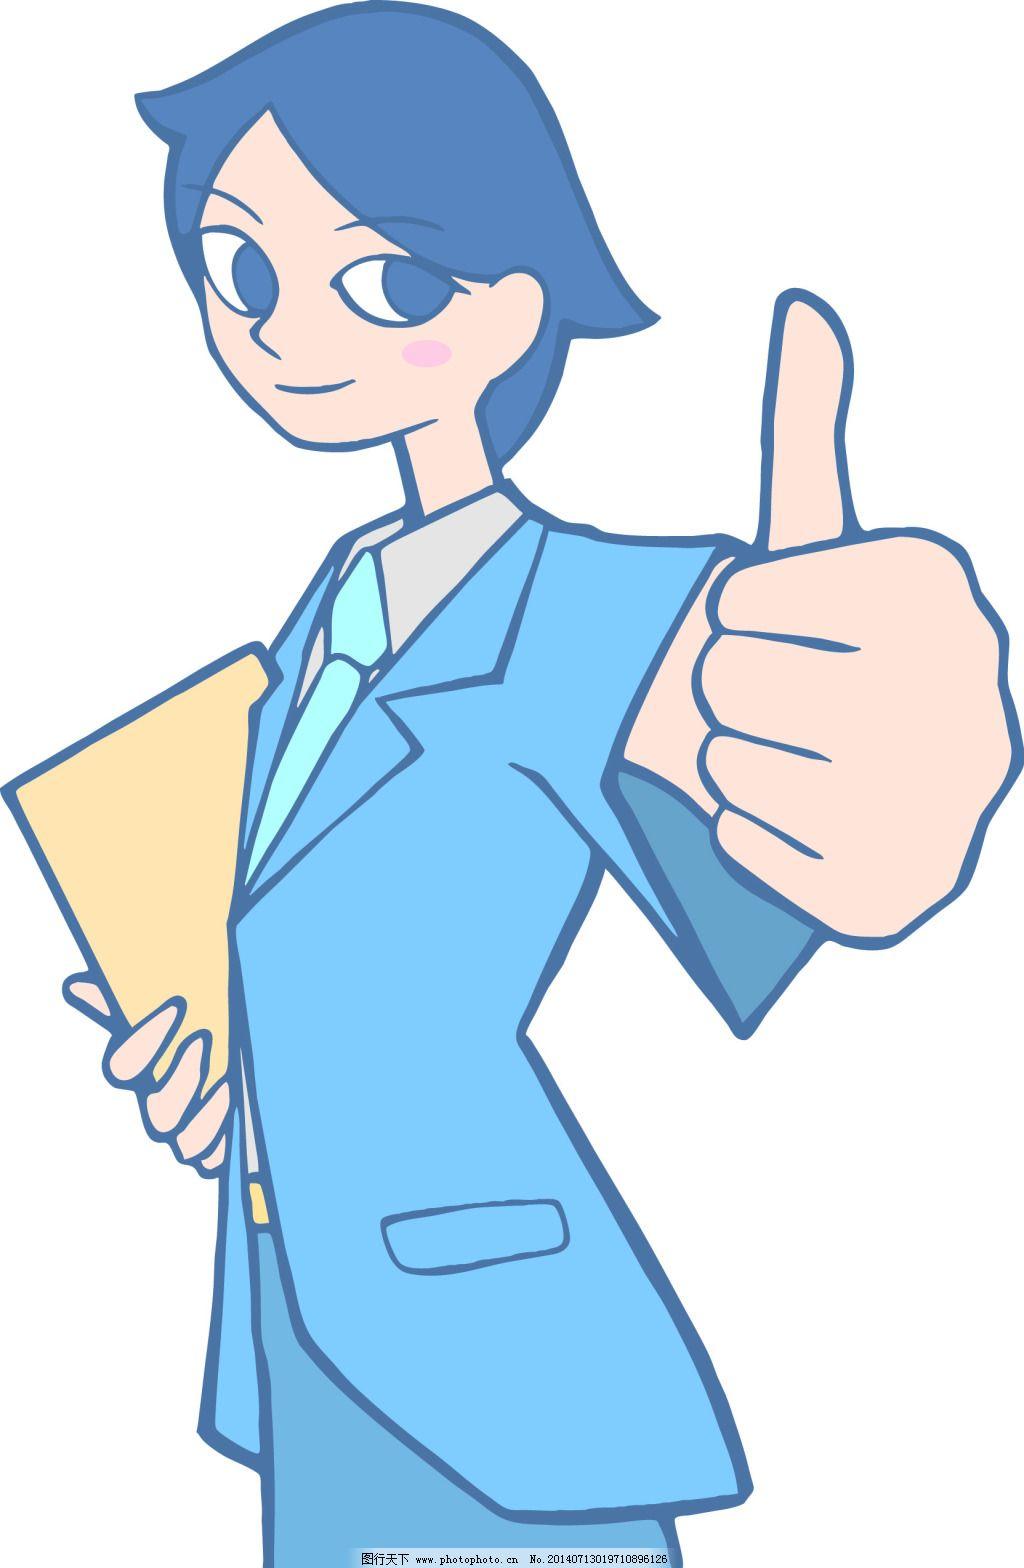 卡通漫画素材 举手称赞的男孩图片